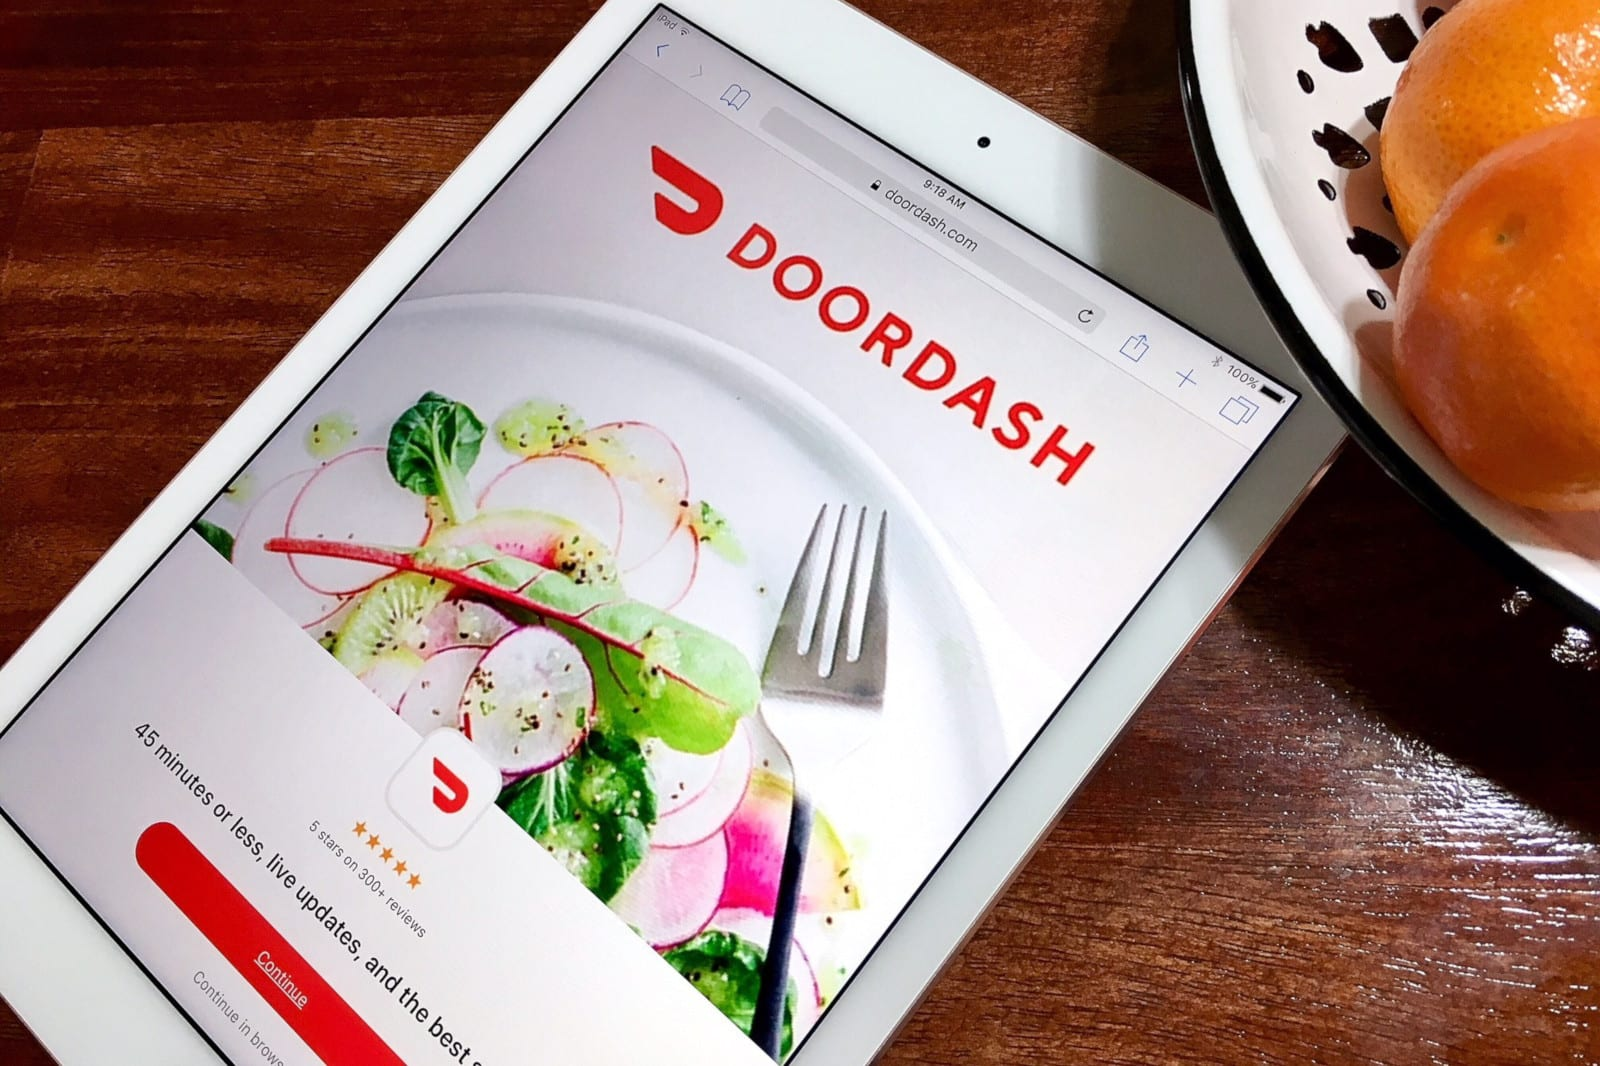 Denver Food Delivery Service DoorDash